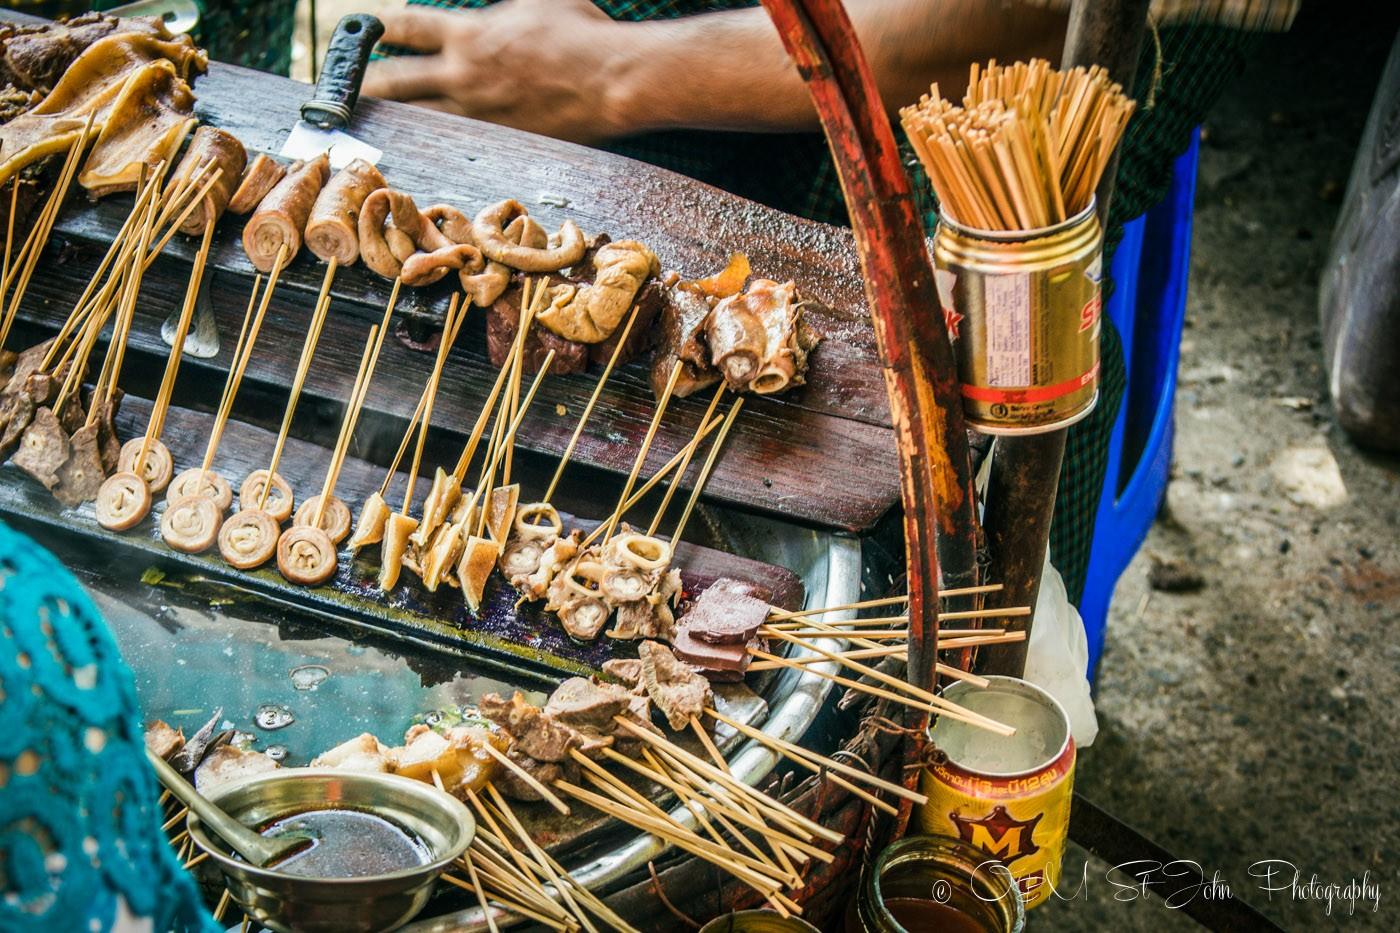 3 days in Yangon: Chicken bits on sticks on sale in Yangon. Myanmar